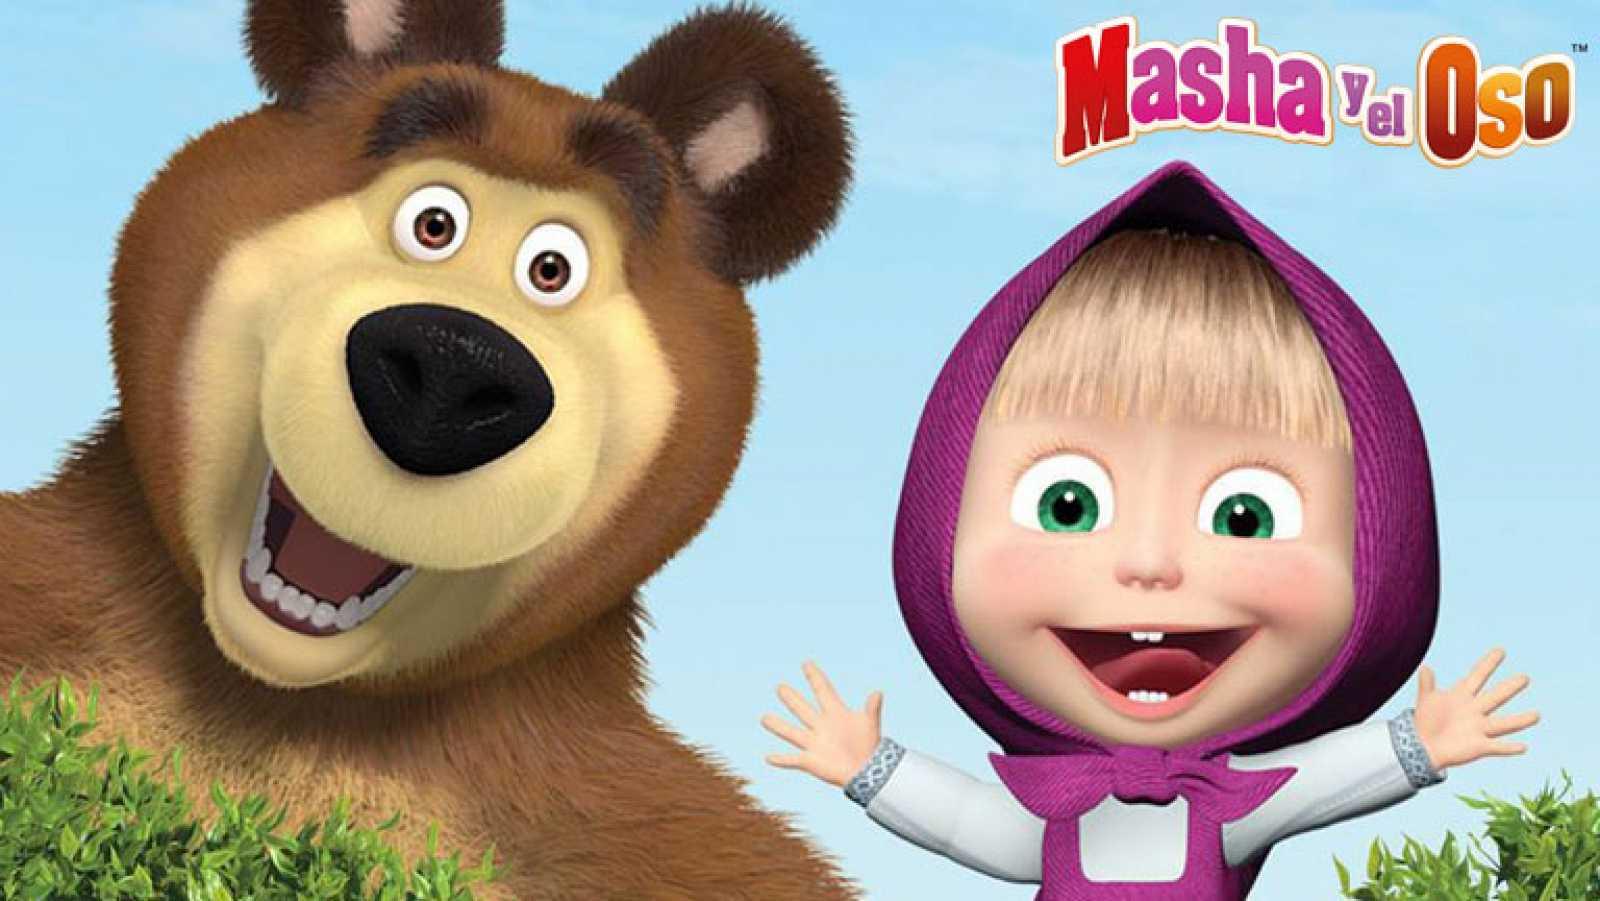 Los divertidos Masha y el oso